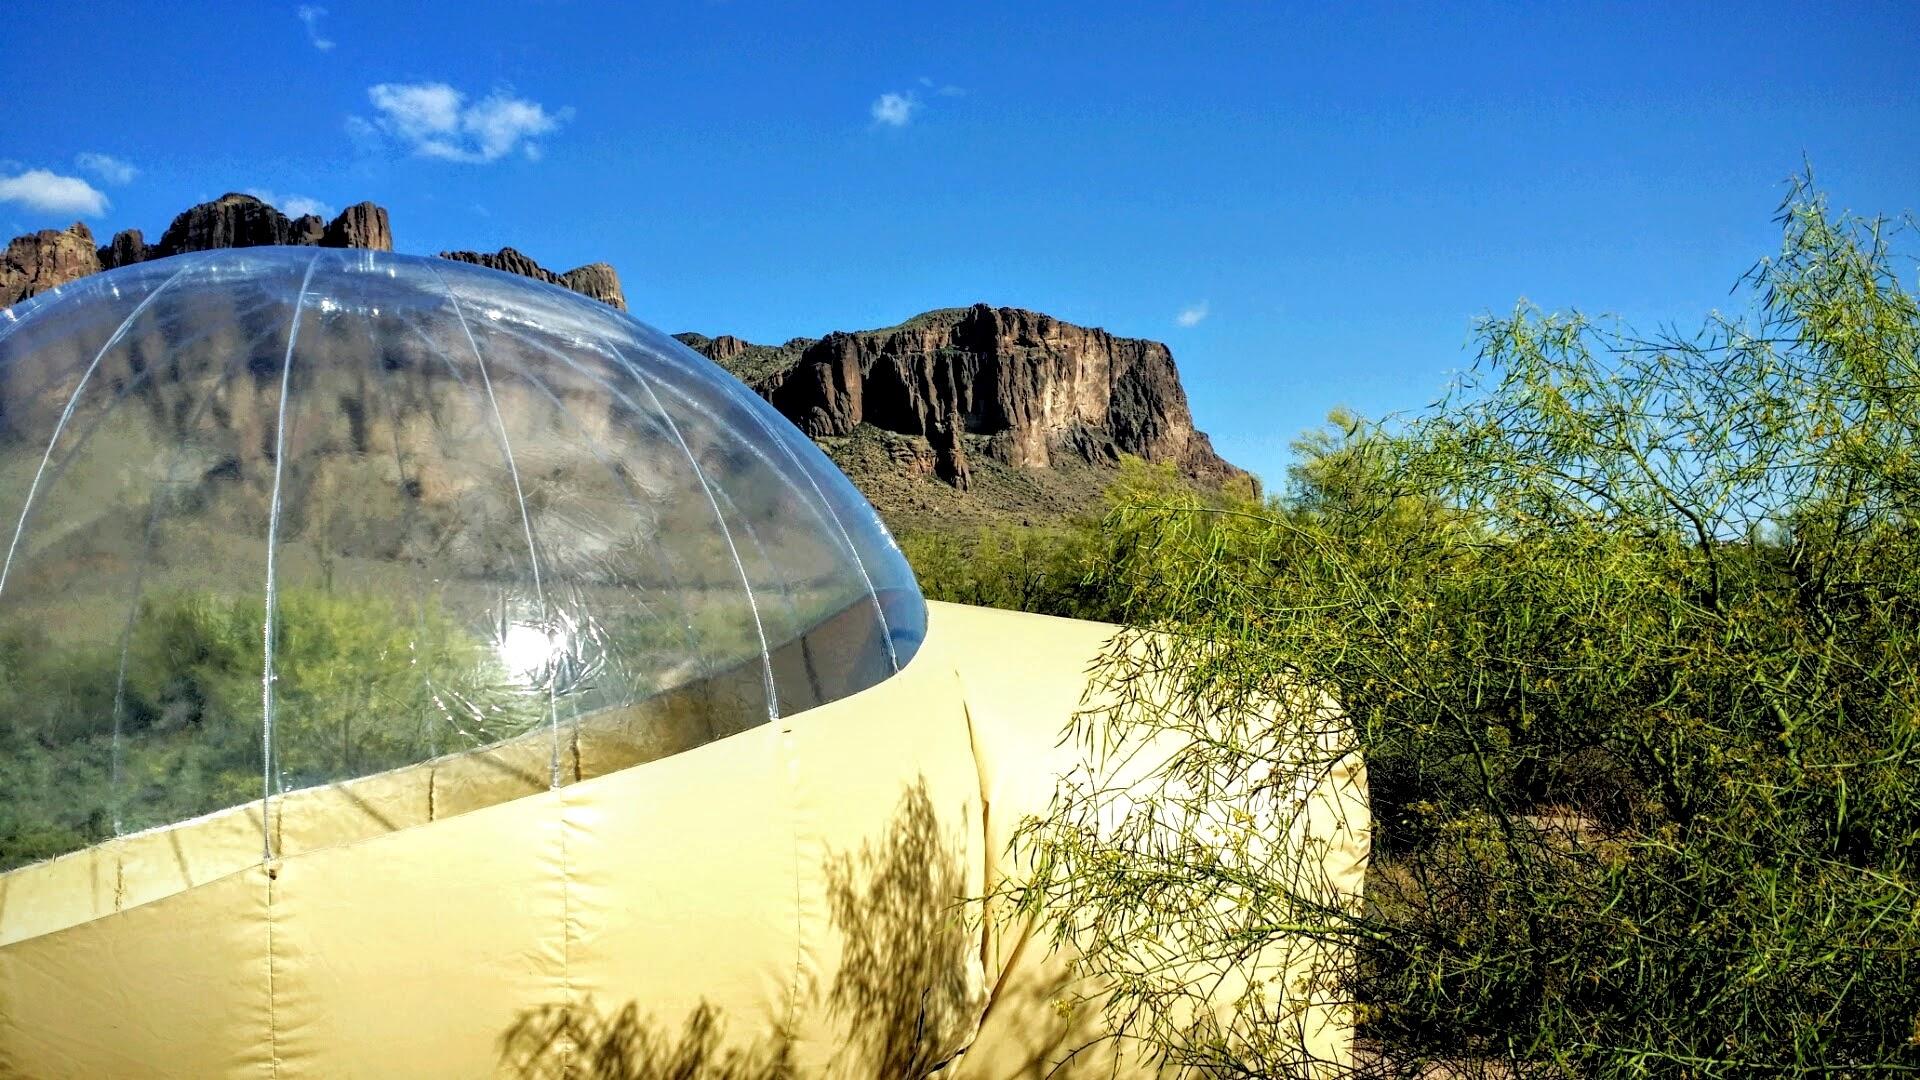 Bubble Huts LLC - American Bubble Tent Manufacturer